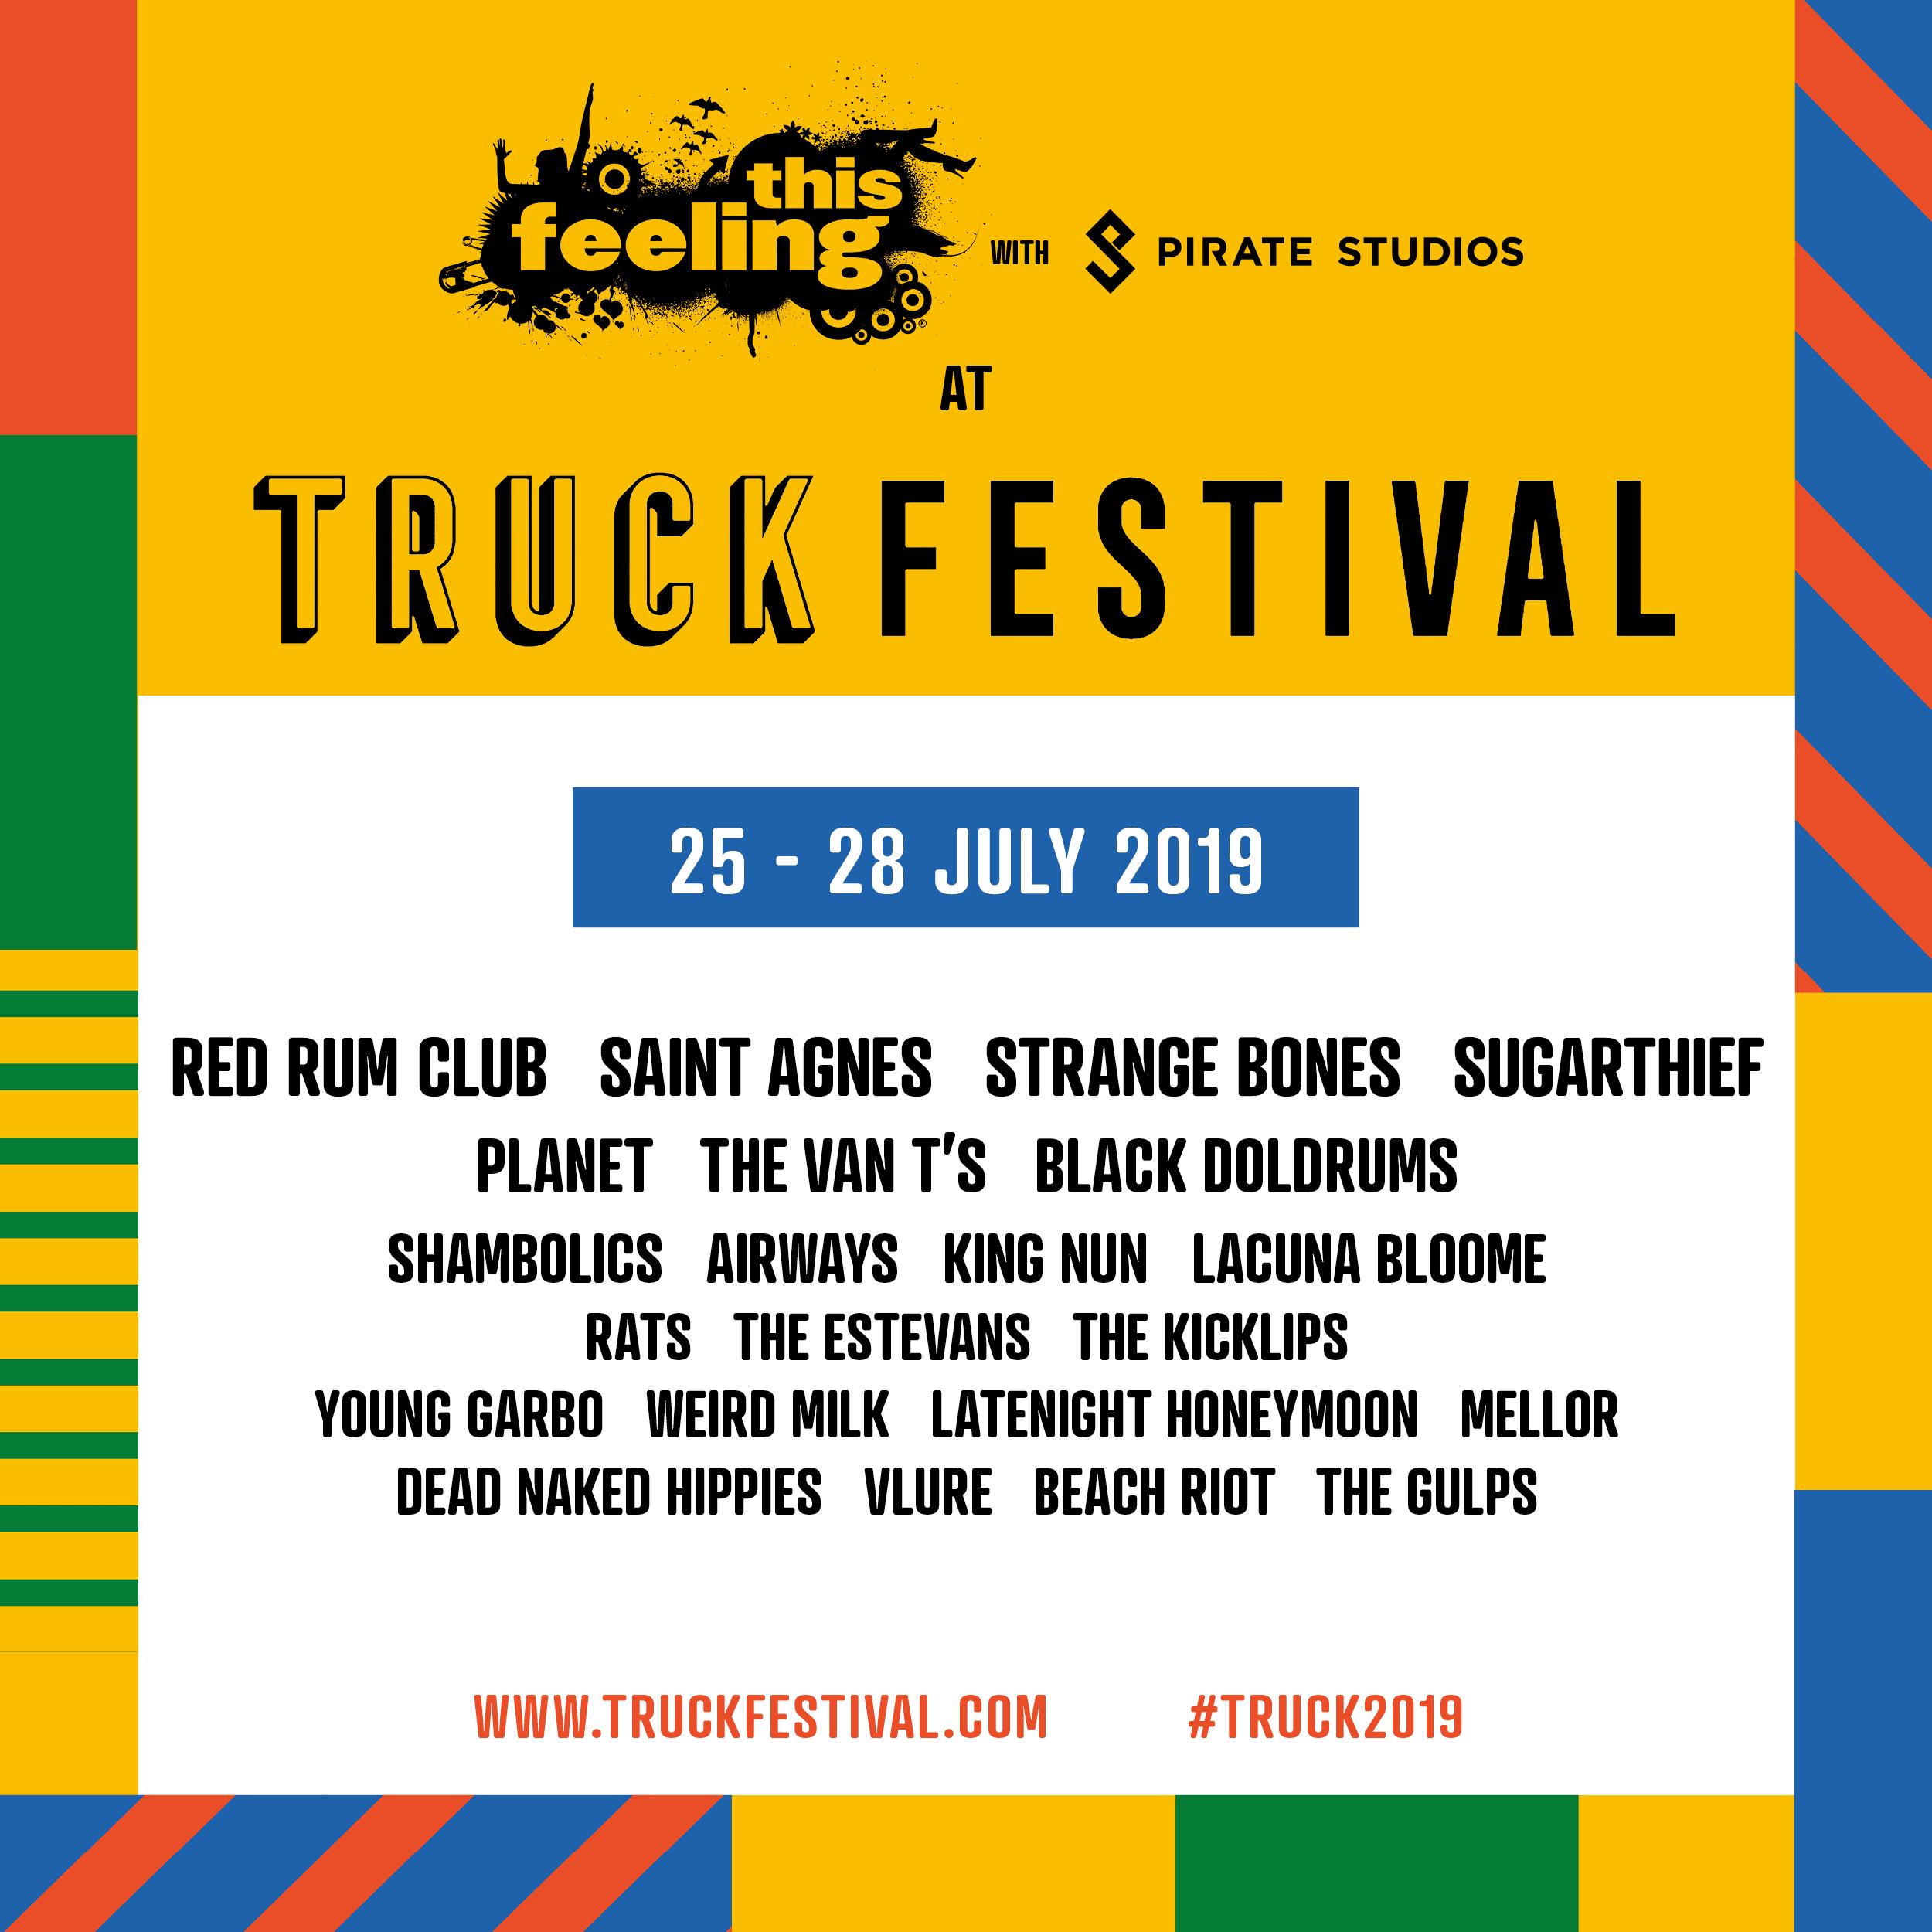 TF_Truck_2019_SQ_v3.jpg